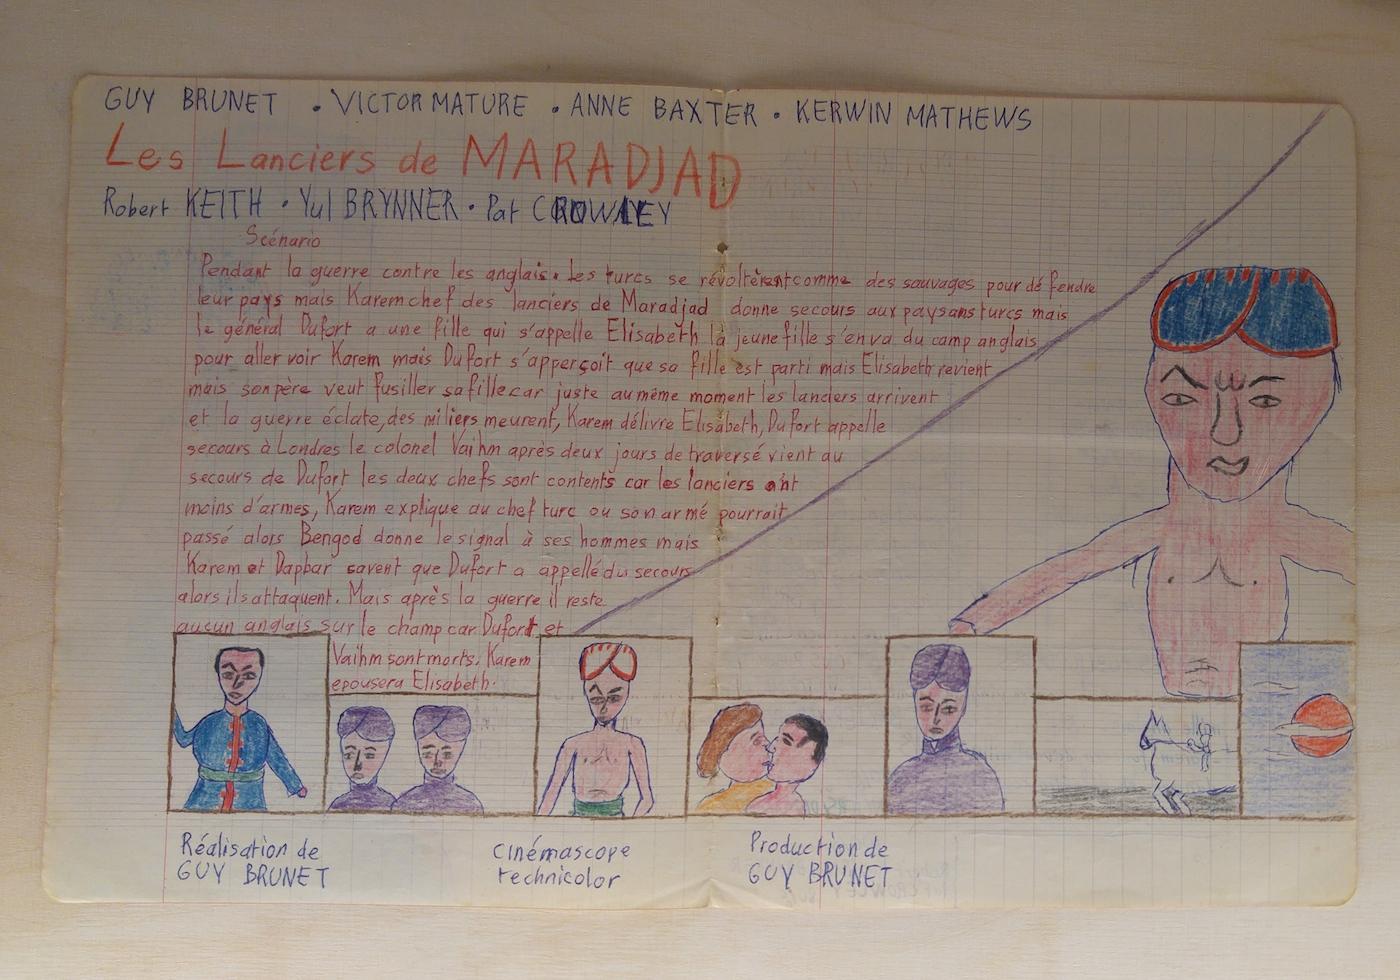 One of Guy Brunet's screenplays, written in a school notebook